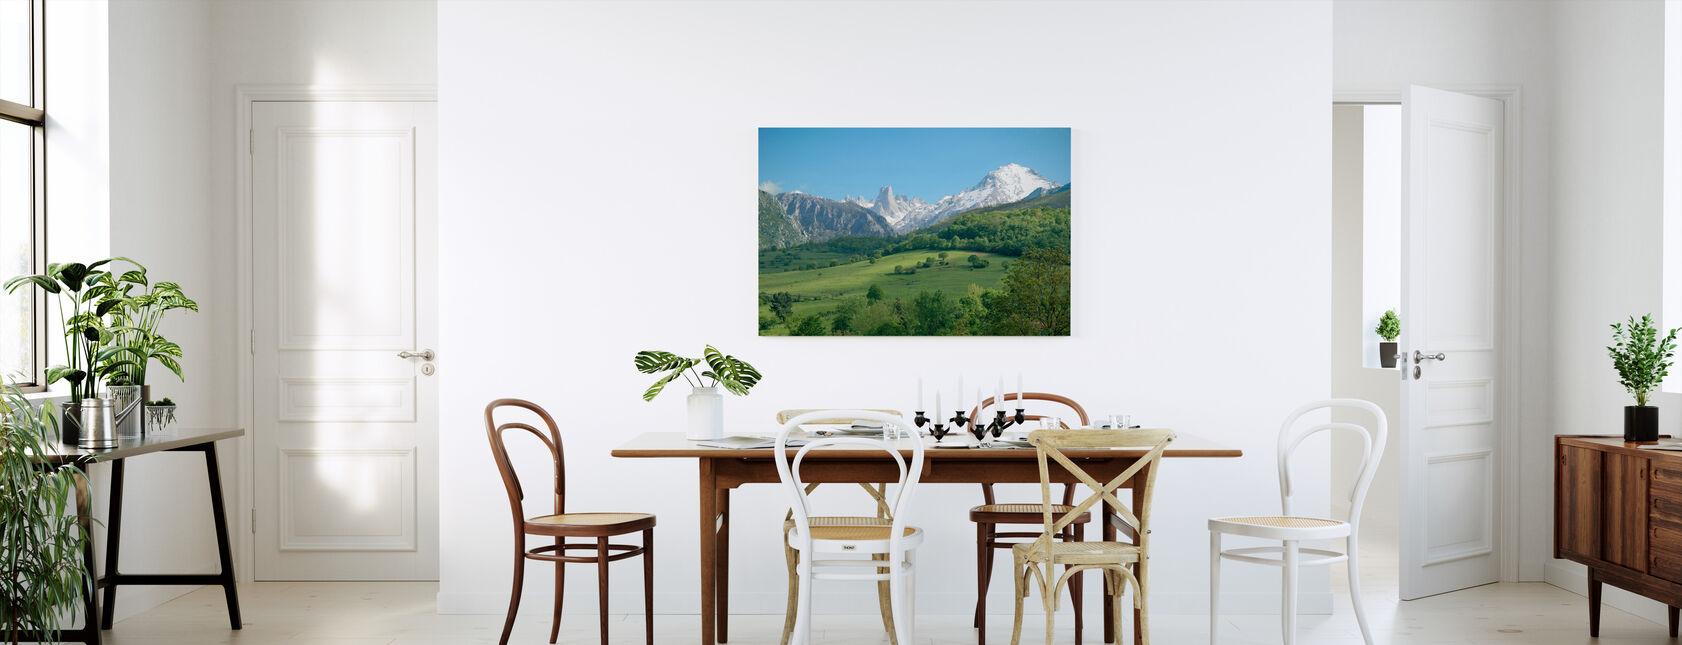 Stora kalksten Peak - Canvastavla - Kök